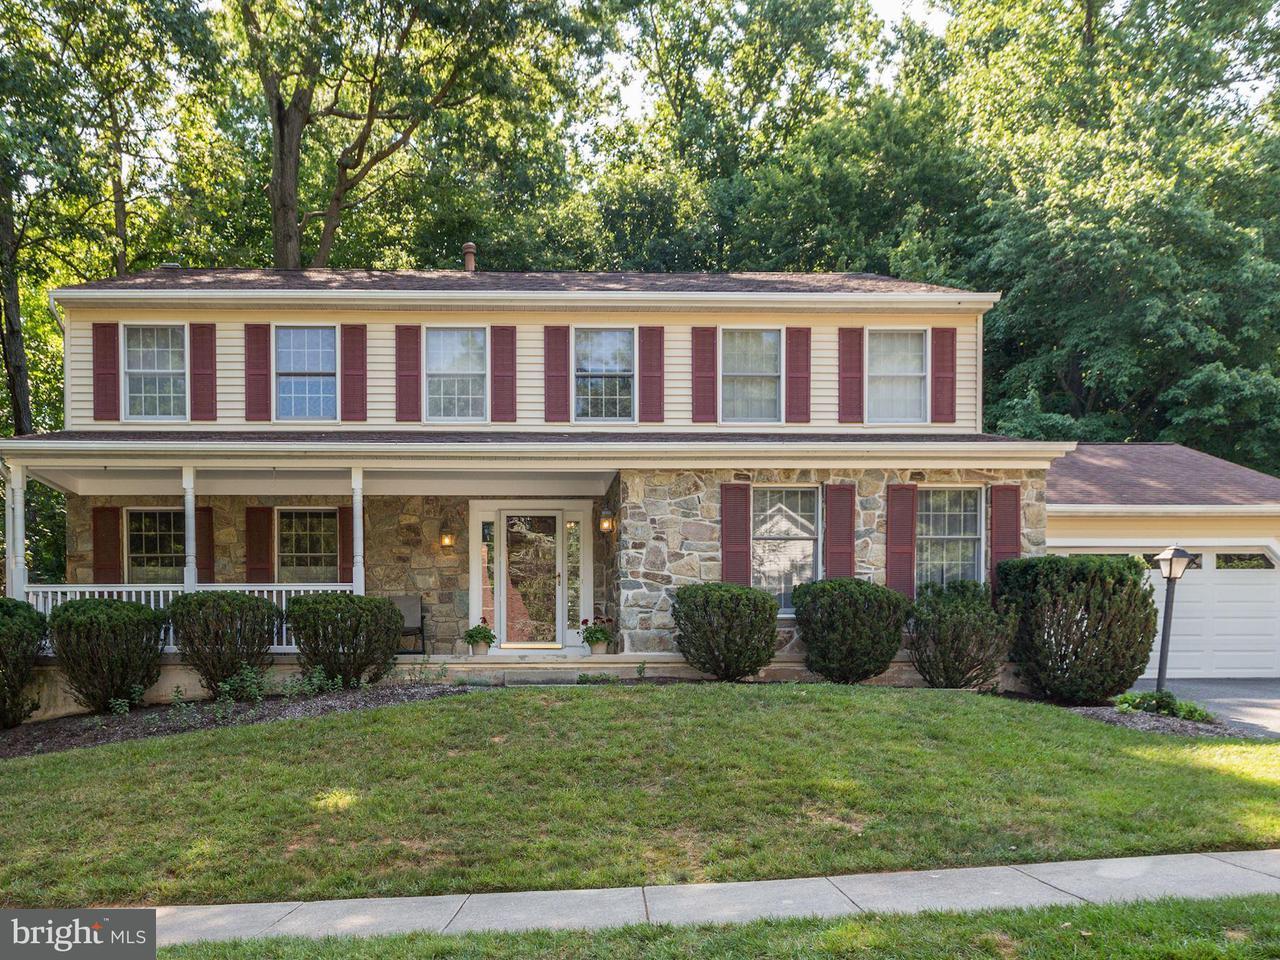 独户住宅 为 销售 在 11521 PARAMUS Drive 11521 PARAMUS Drive North Potomac, 马里兰州 20878 美国